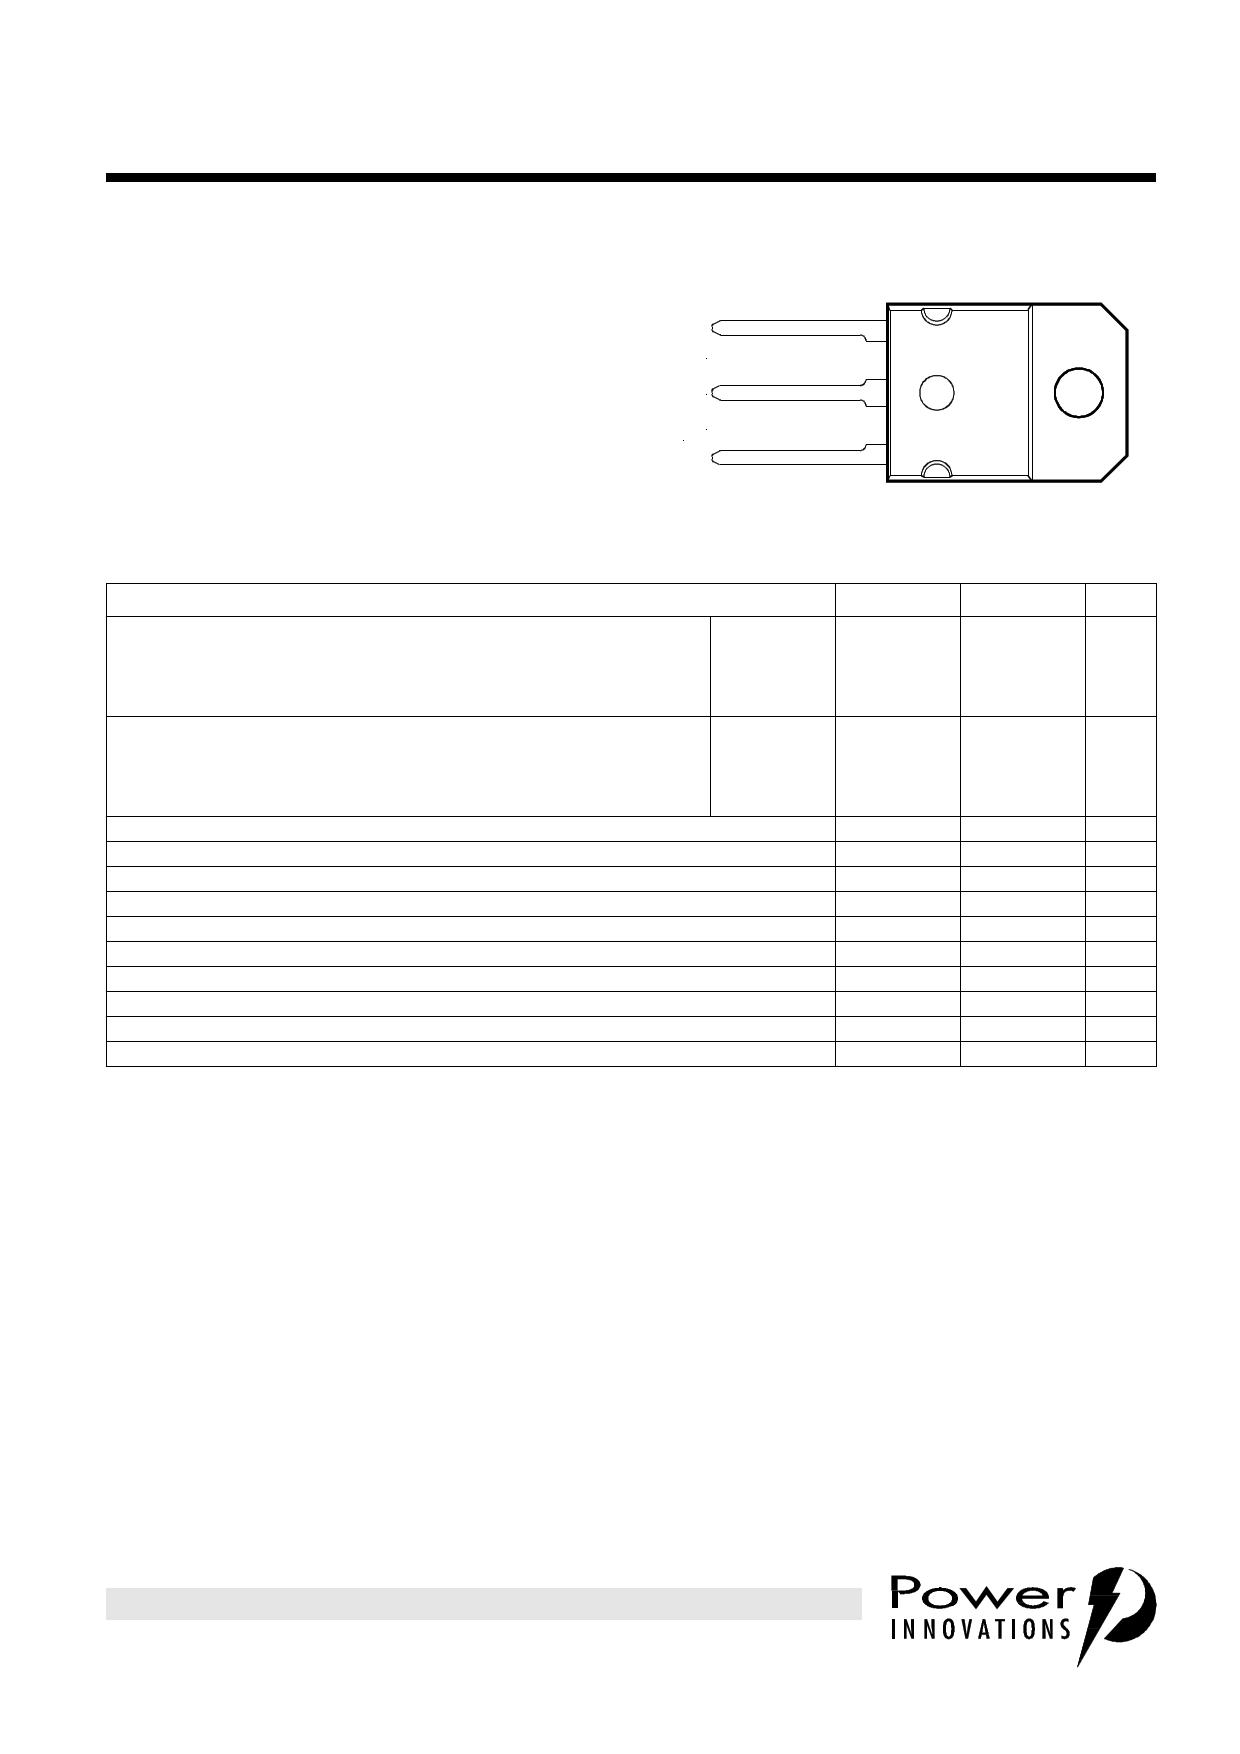 BD246C datasheet